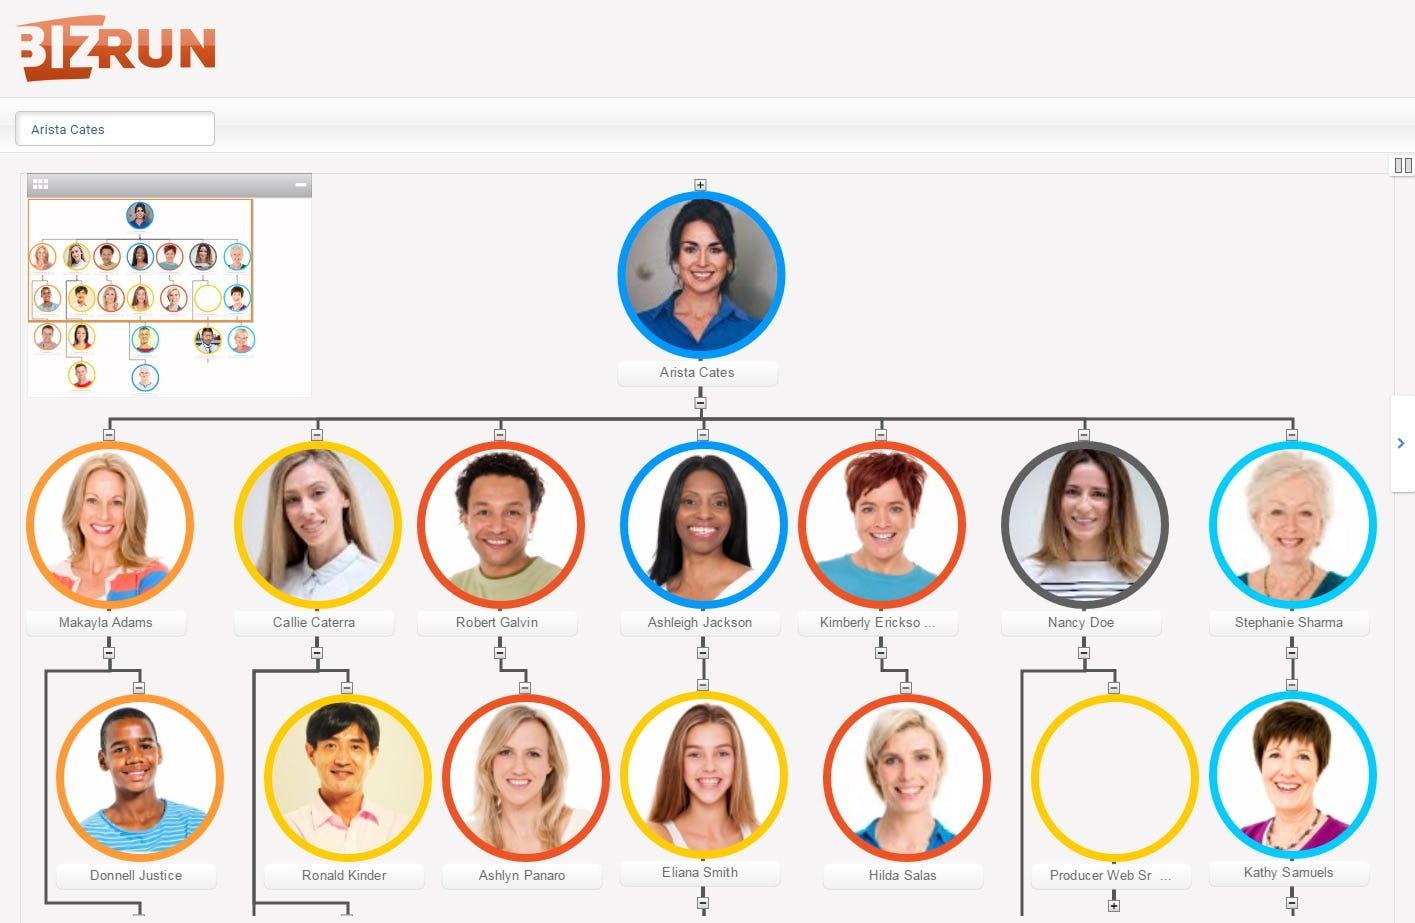 BizRun Software - Org chart interface